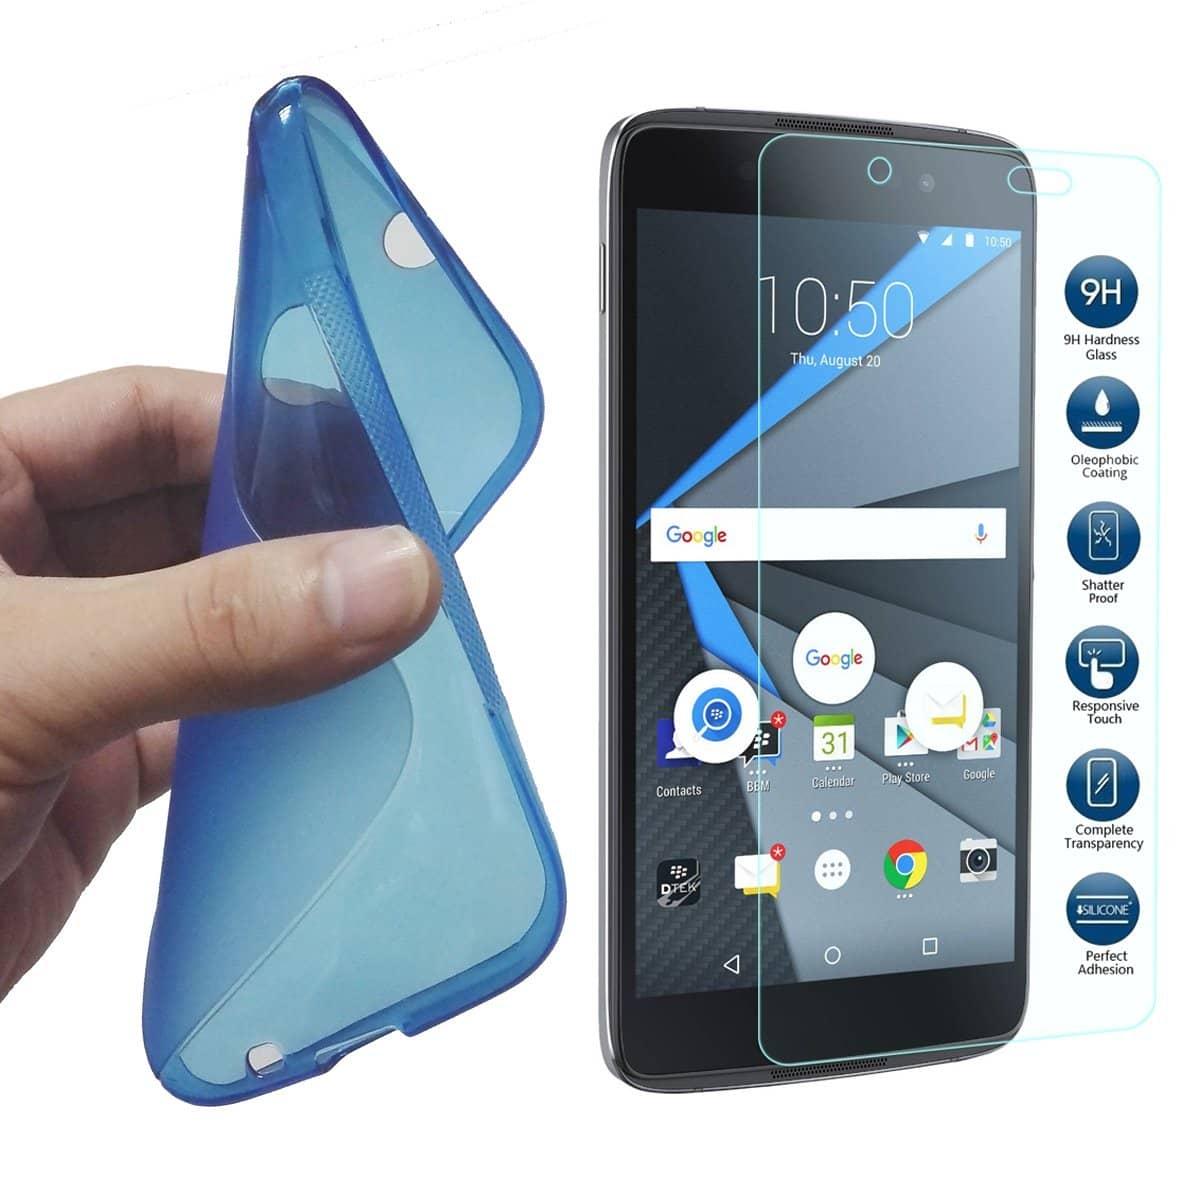 Best Cases For Blackberry DTEK50 - 10